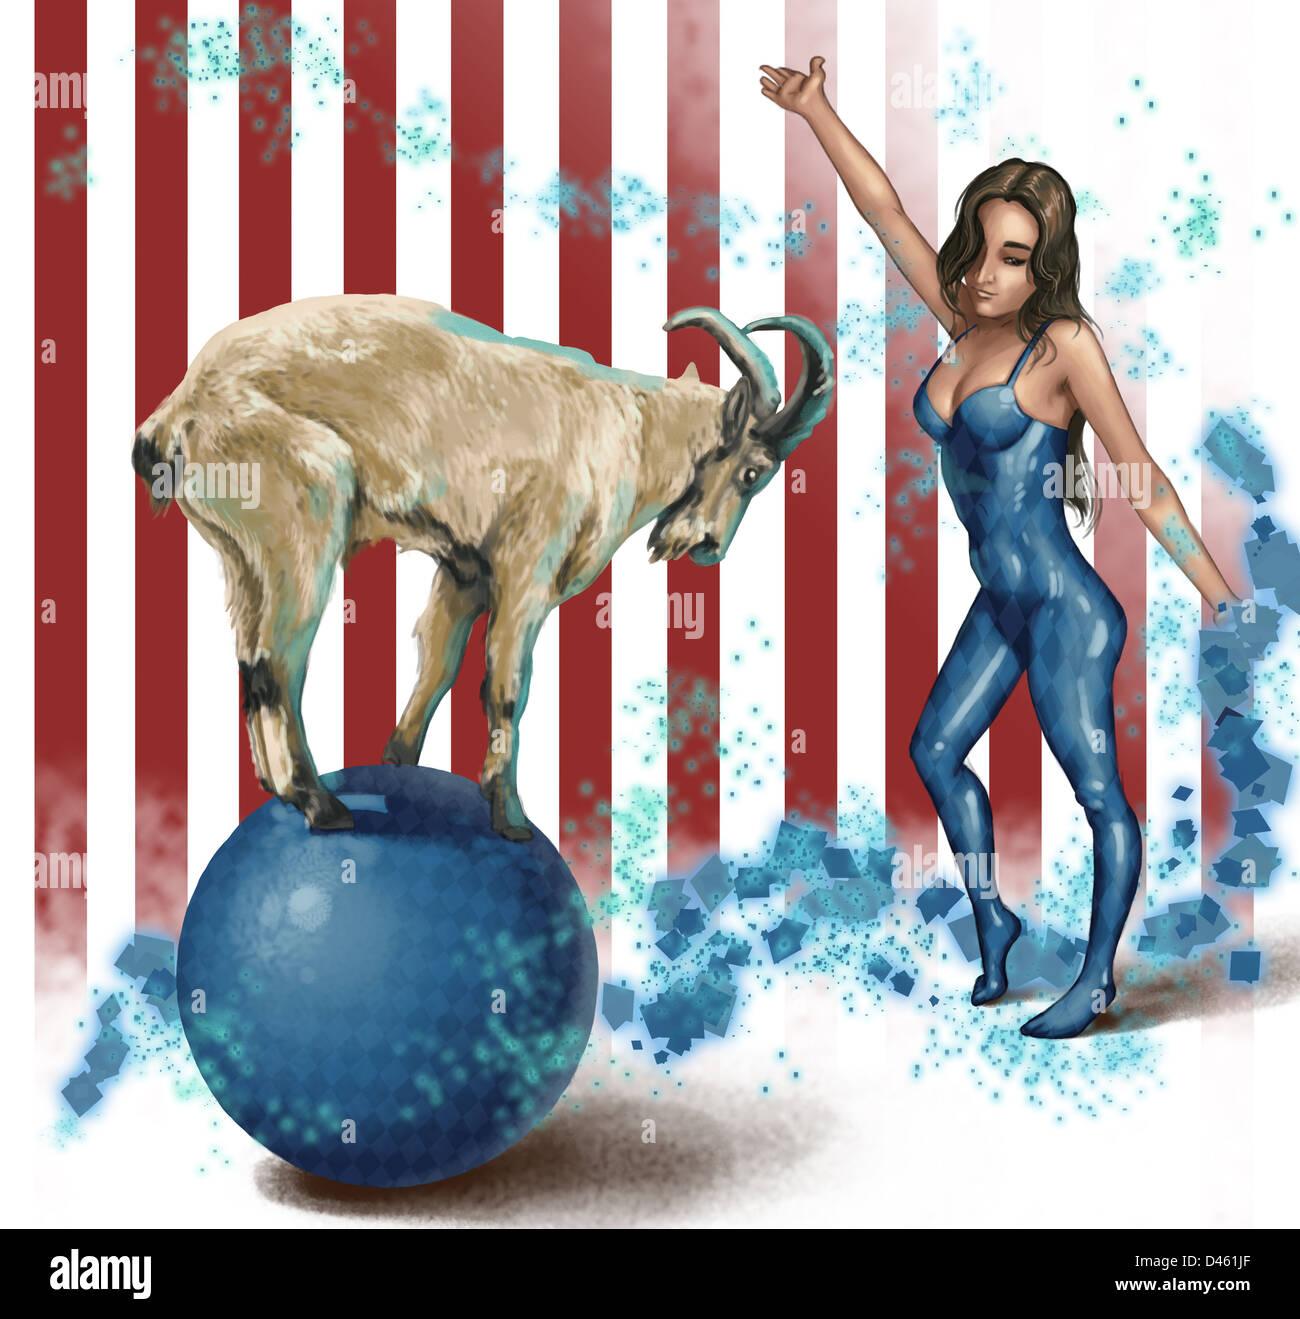 Imagen ilustrativa de intérprete femenina mirando sobre la esfera de equilibrio de cabra Imagen De Stock